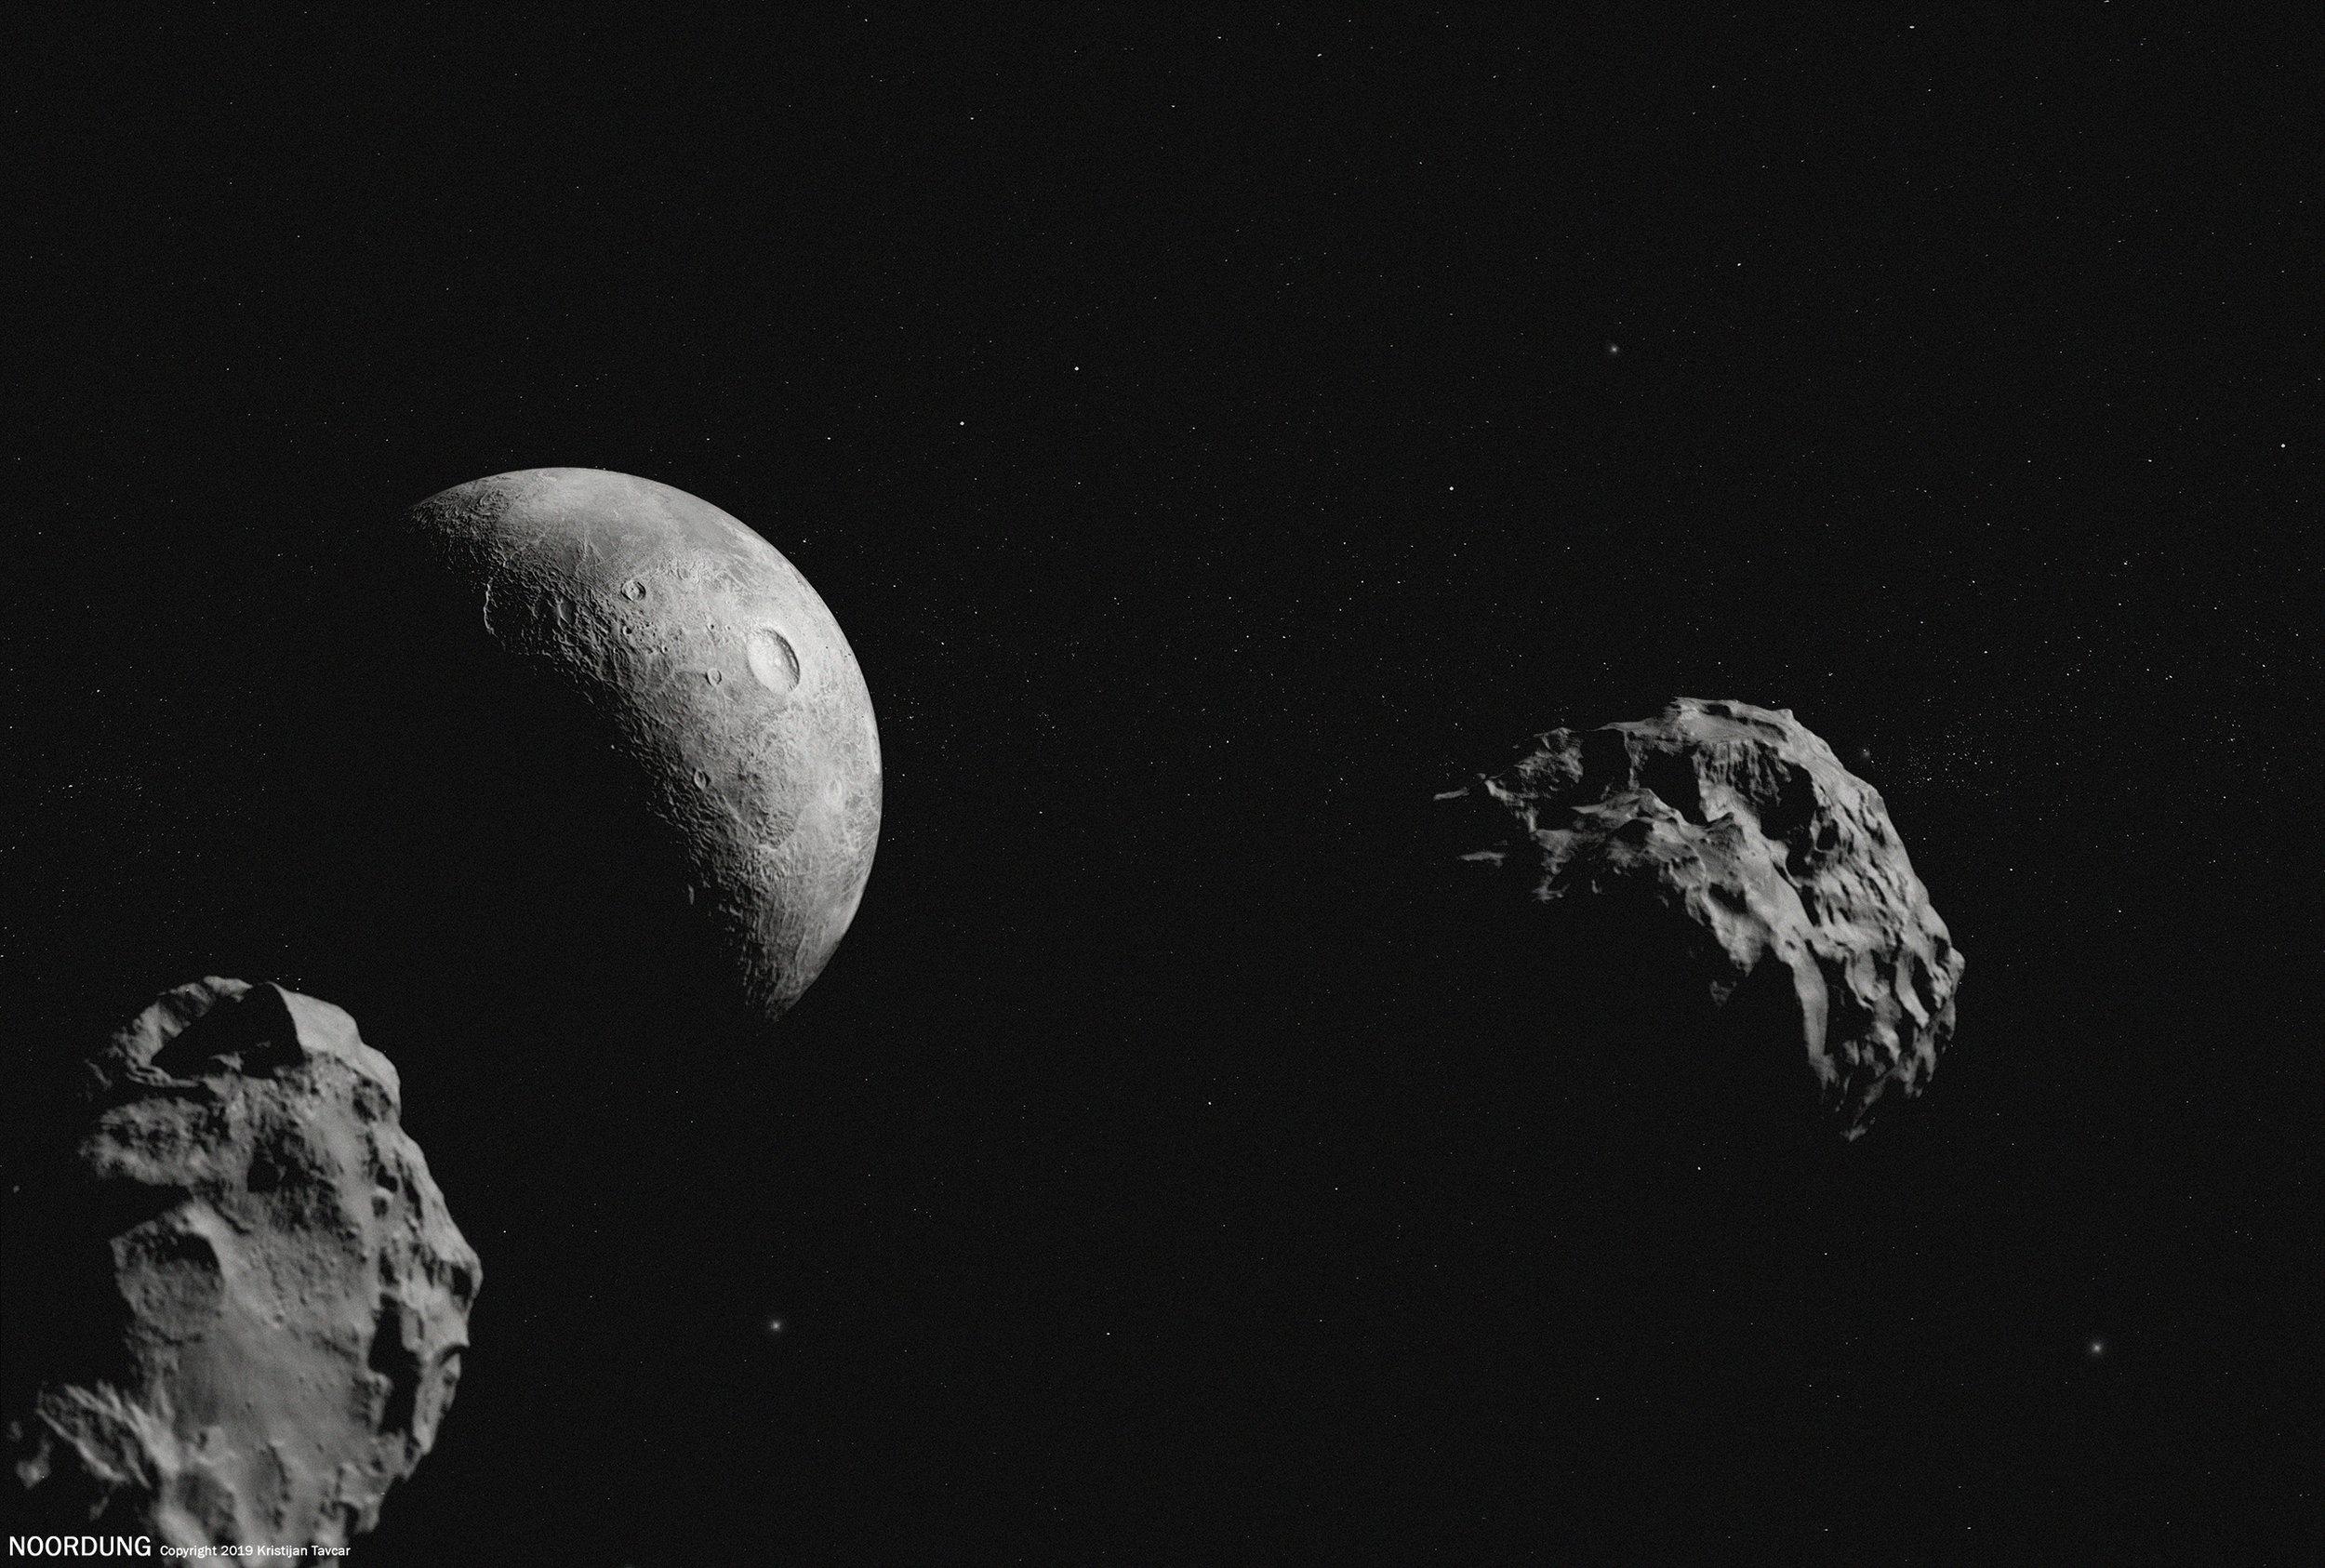 Noordung_Asteroid_001_by Kristijan Tavcar.jpg